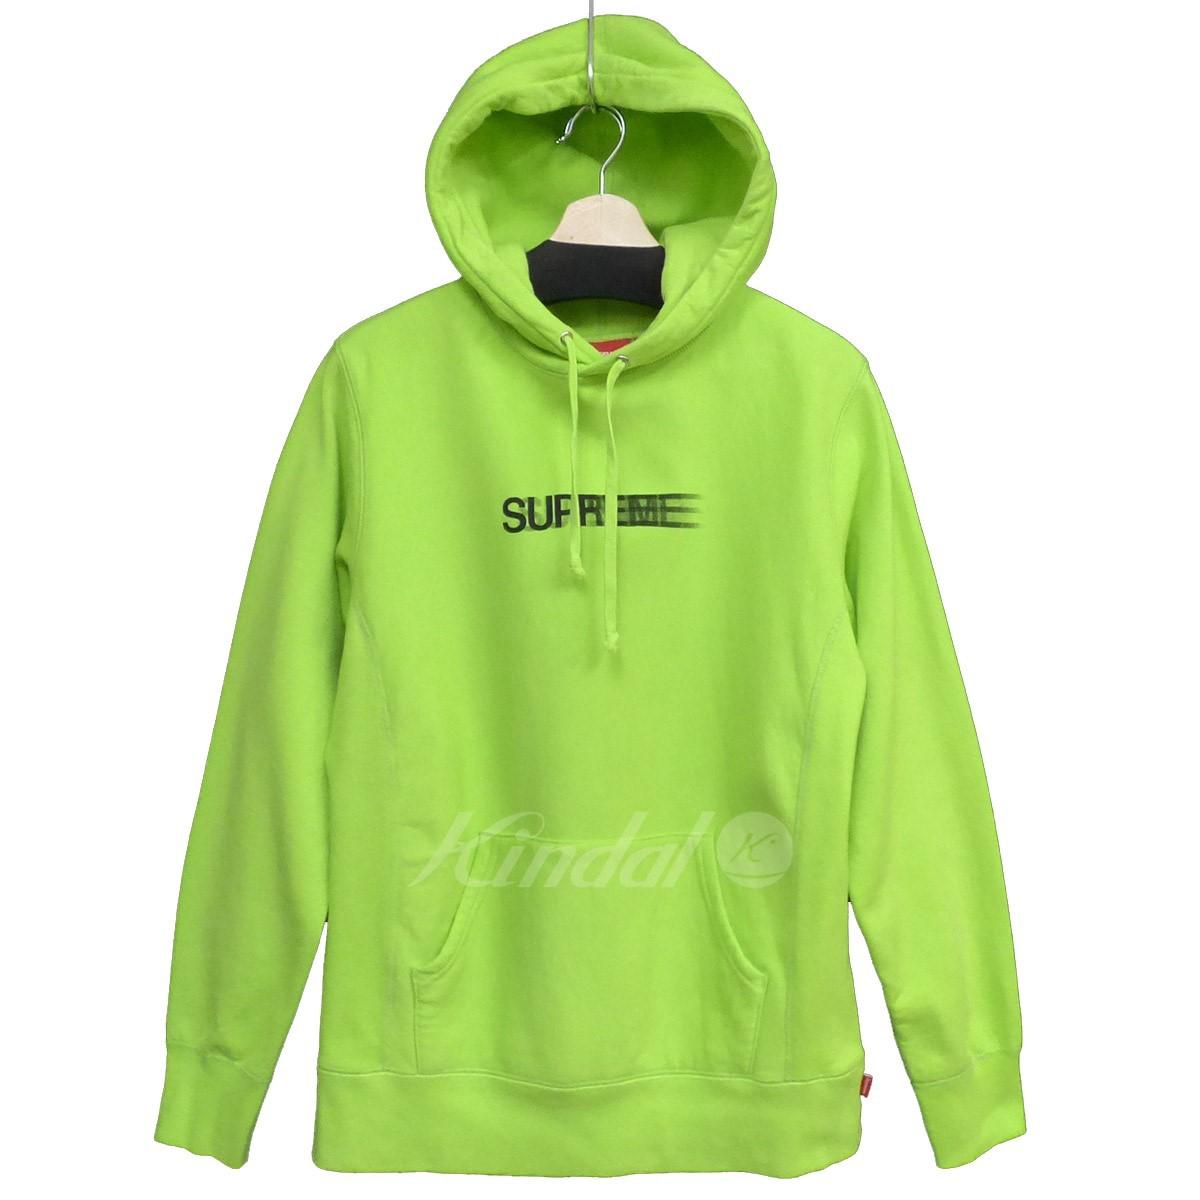 シュプリーム SUPREME  16SS Motion Logo Hooded Sweatshirtモーションロゴパーカー 商品番号:583518000014_画像1